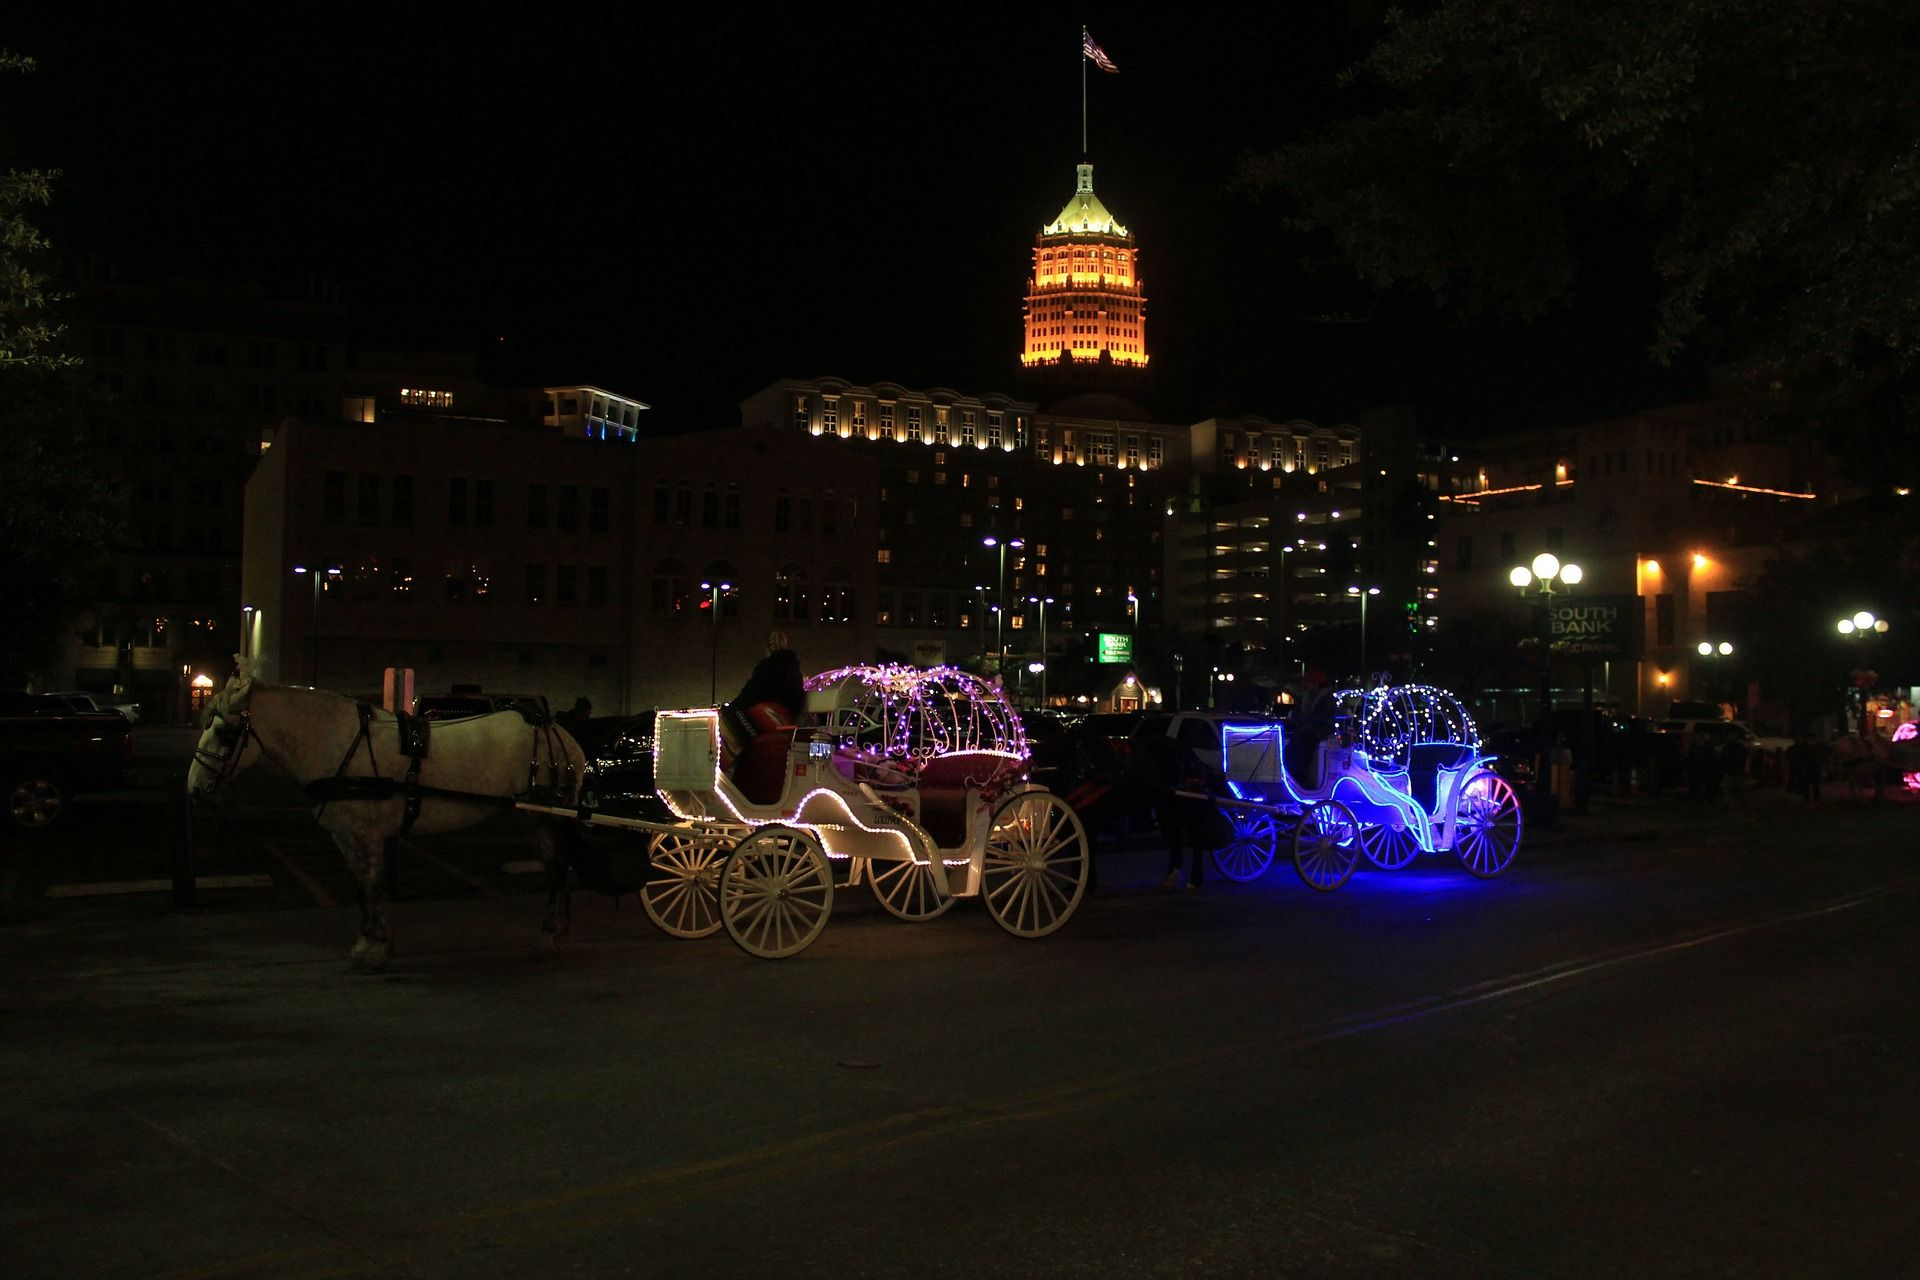 San Antonio New years eve fireworks, San antonio